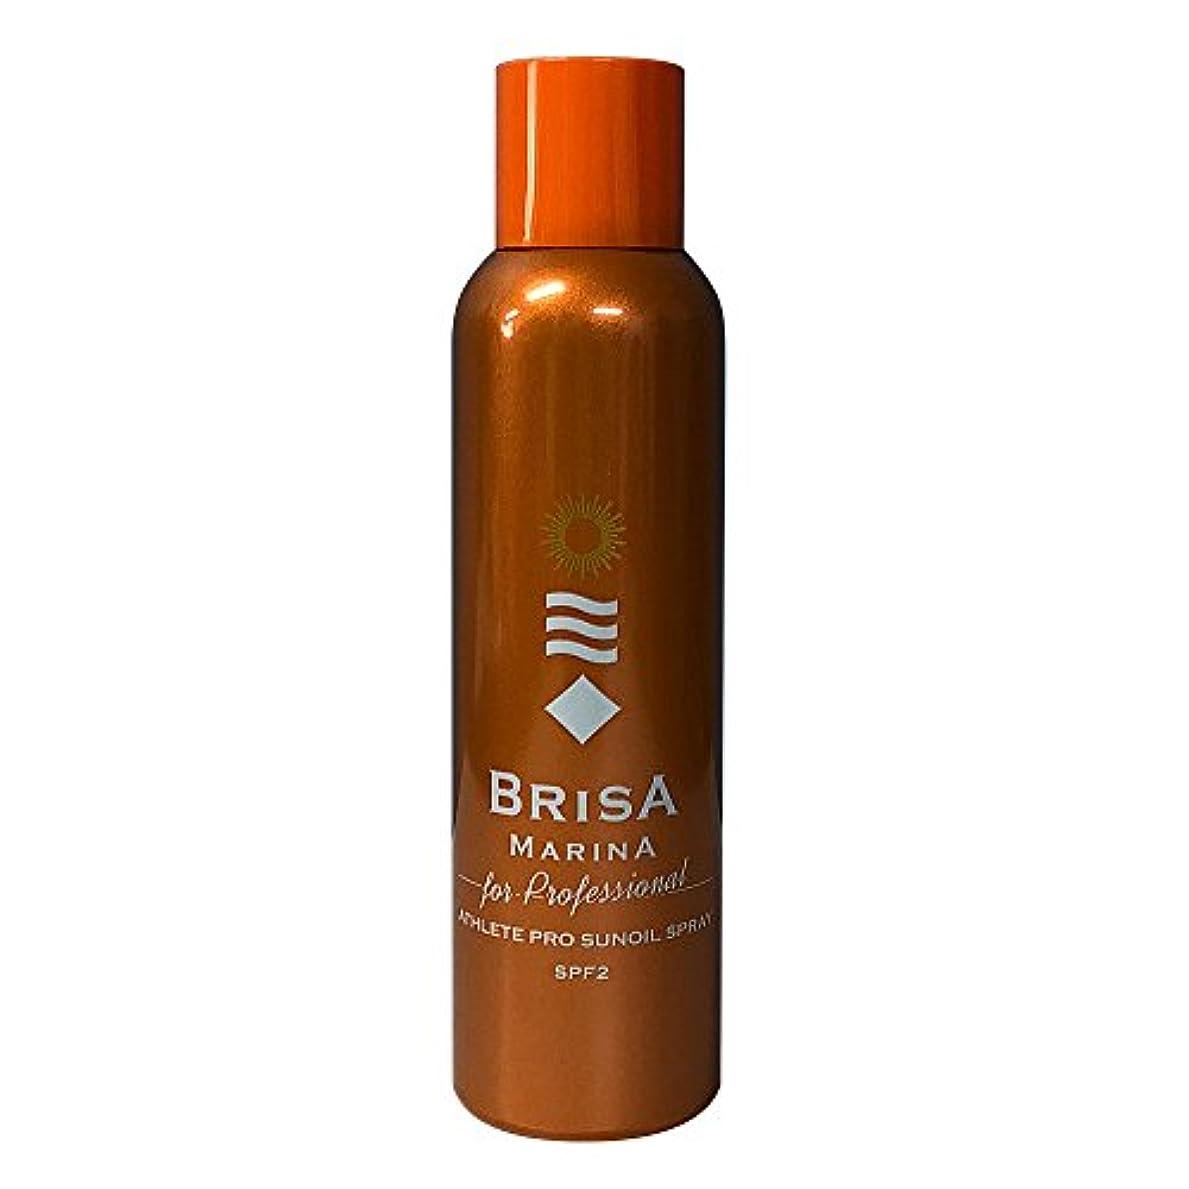 お肉文芸資格BRISA MARINA(ブリサ マリーナ) アスリートプロ サンオイルスプレー [SPF2] Professional Edition [アスリートプロ 日焼け用スプレー] Z-0CBM0016610